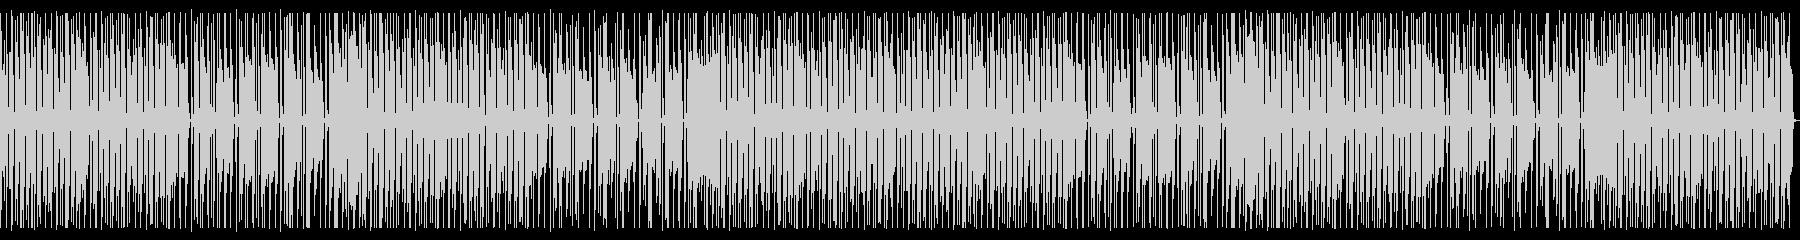 RPGのひょうきんな村のBGMっぽい曲の未再生の波形